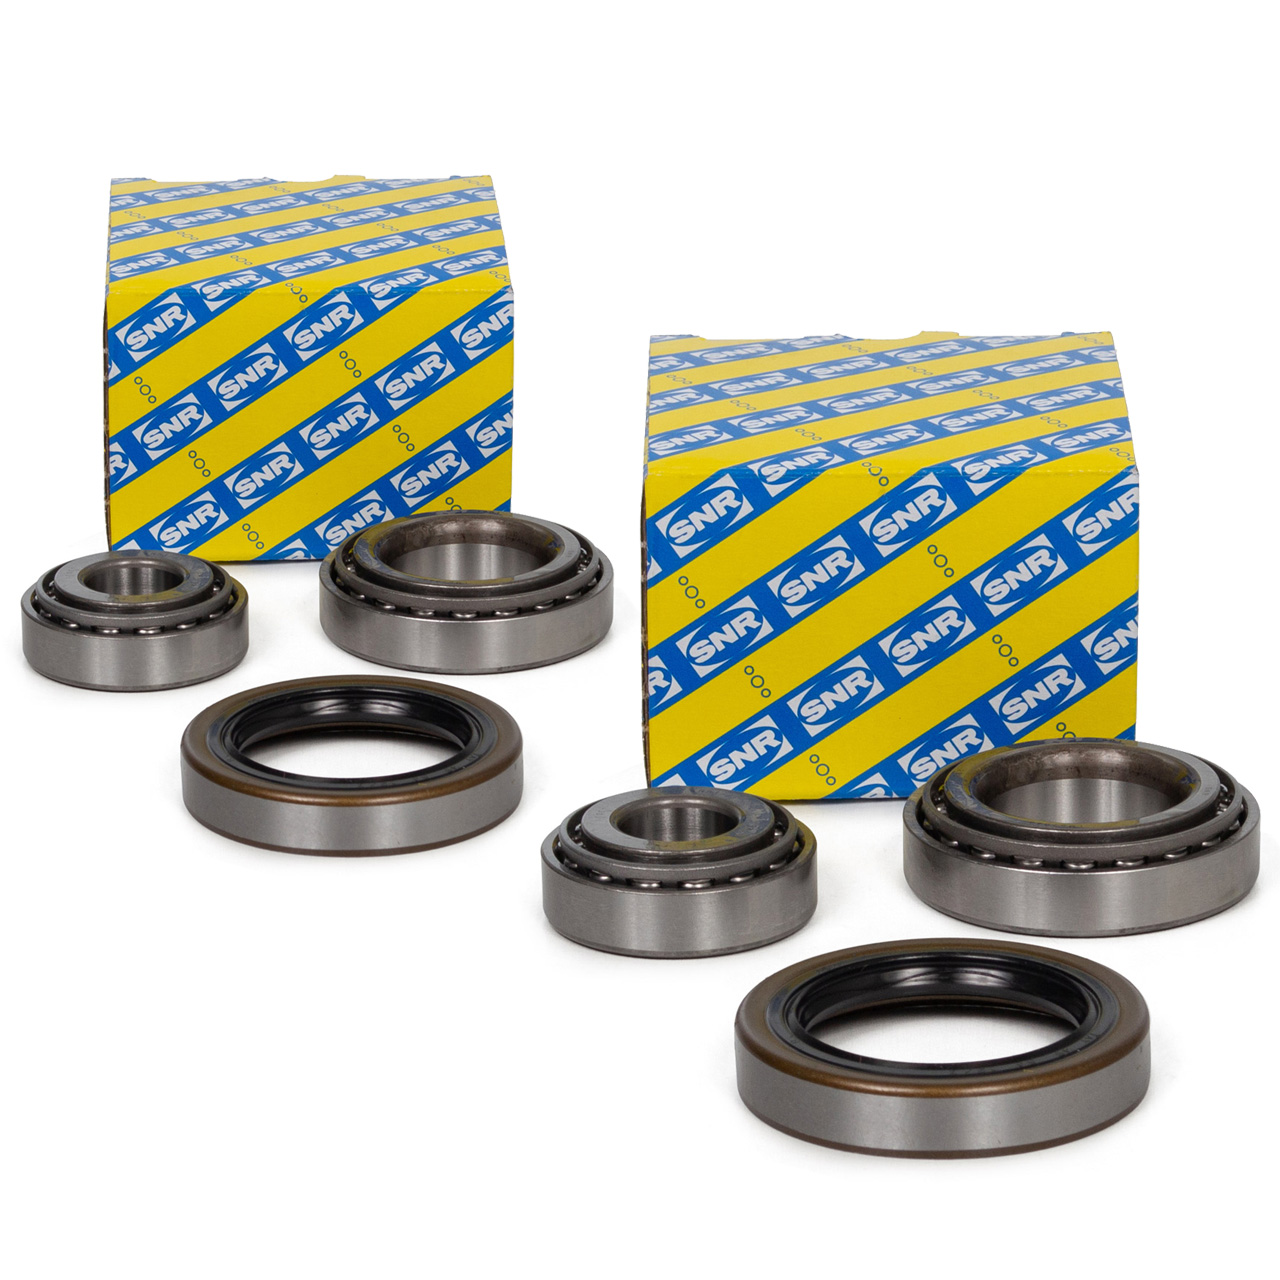 2x SNR R151.14 Radlagersatz MERCEDES 190 W201 E-Klasse W124 R107 vorne / hinten